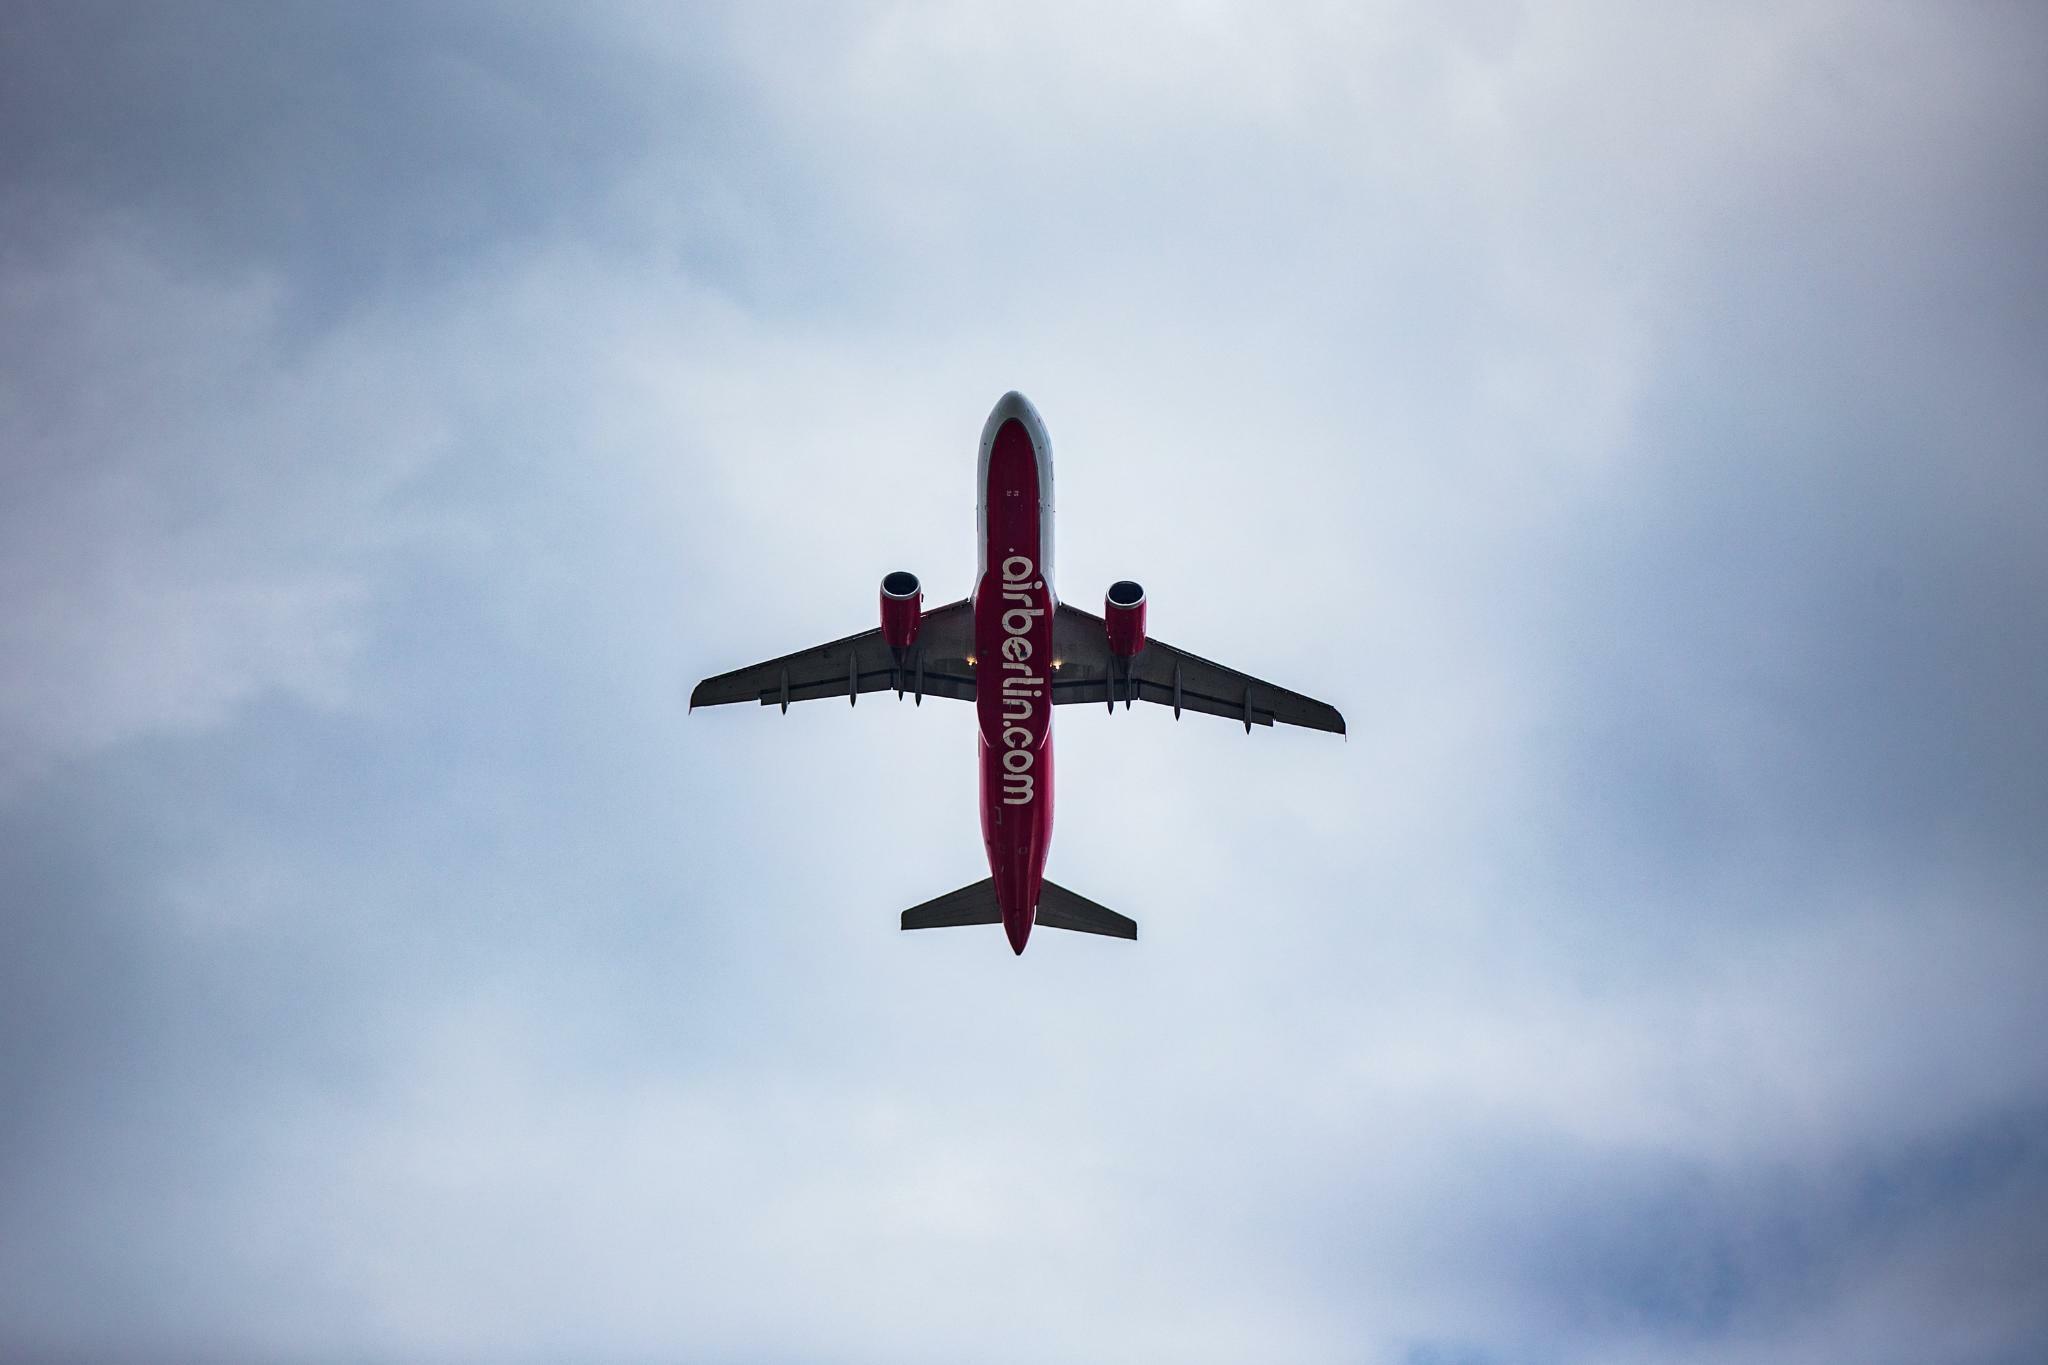 Air Berlins Aus beschert günstigere Flugtickets – und den Airlines Verluste